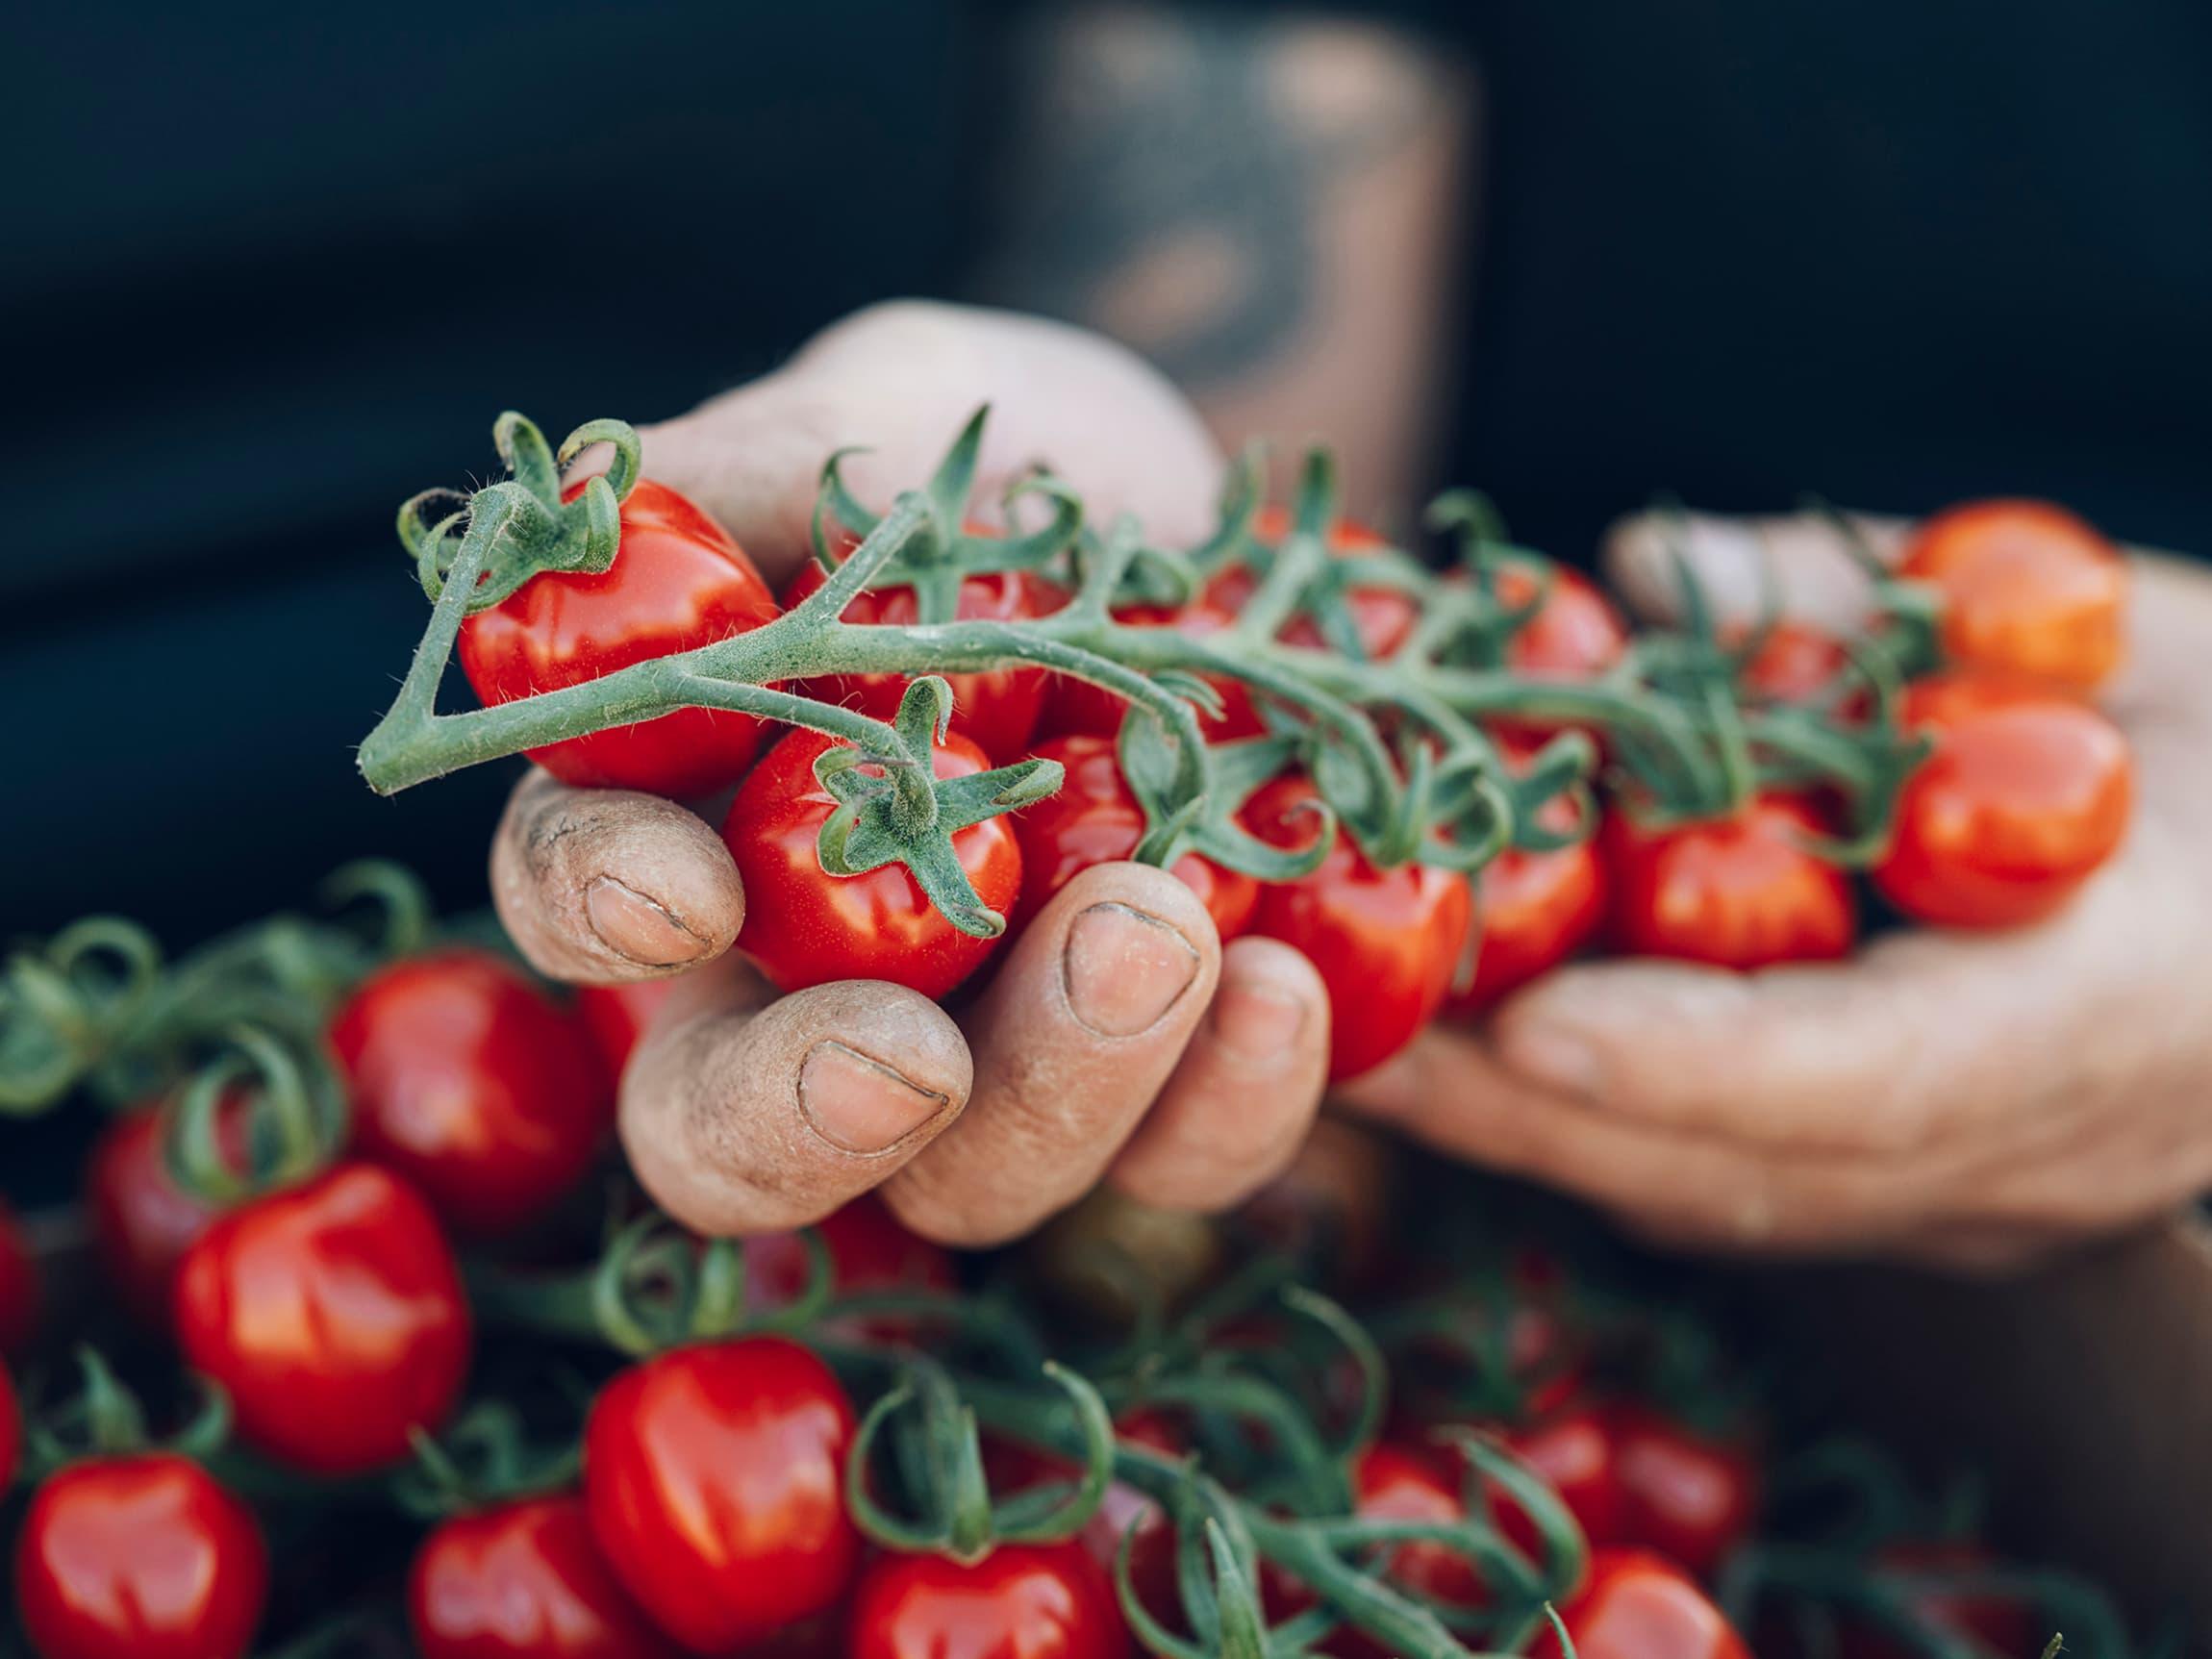 Cherrytomatene til Jacobs Utvalgte har mye lukt og fantastisk god tomatsmak.